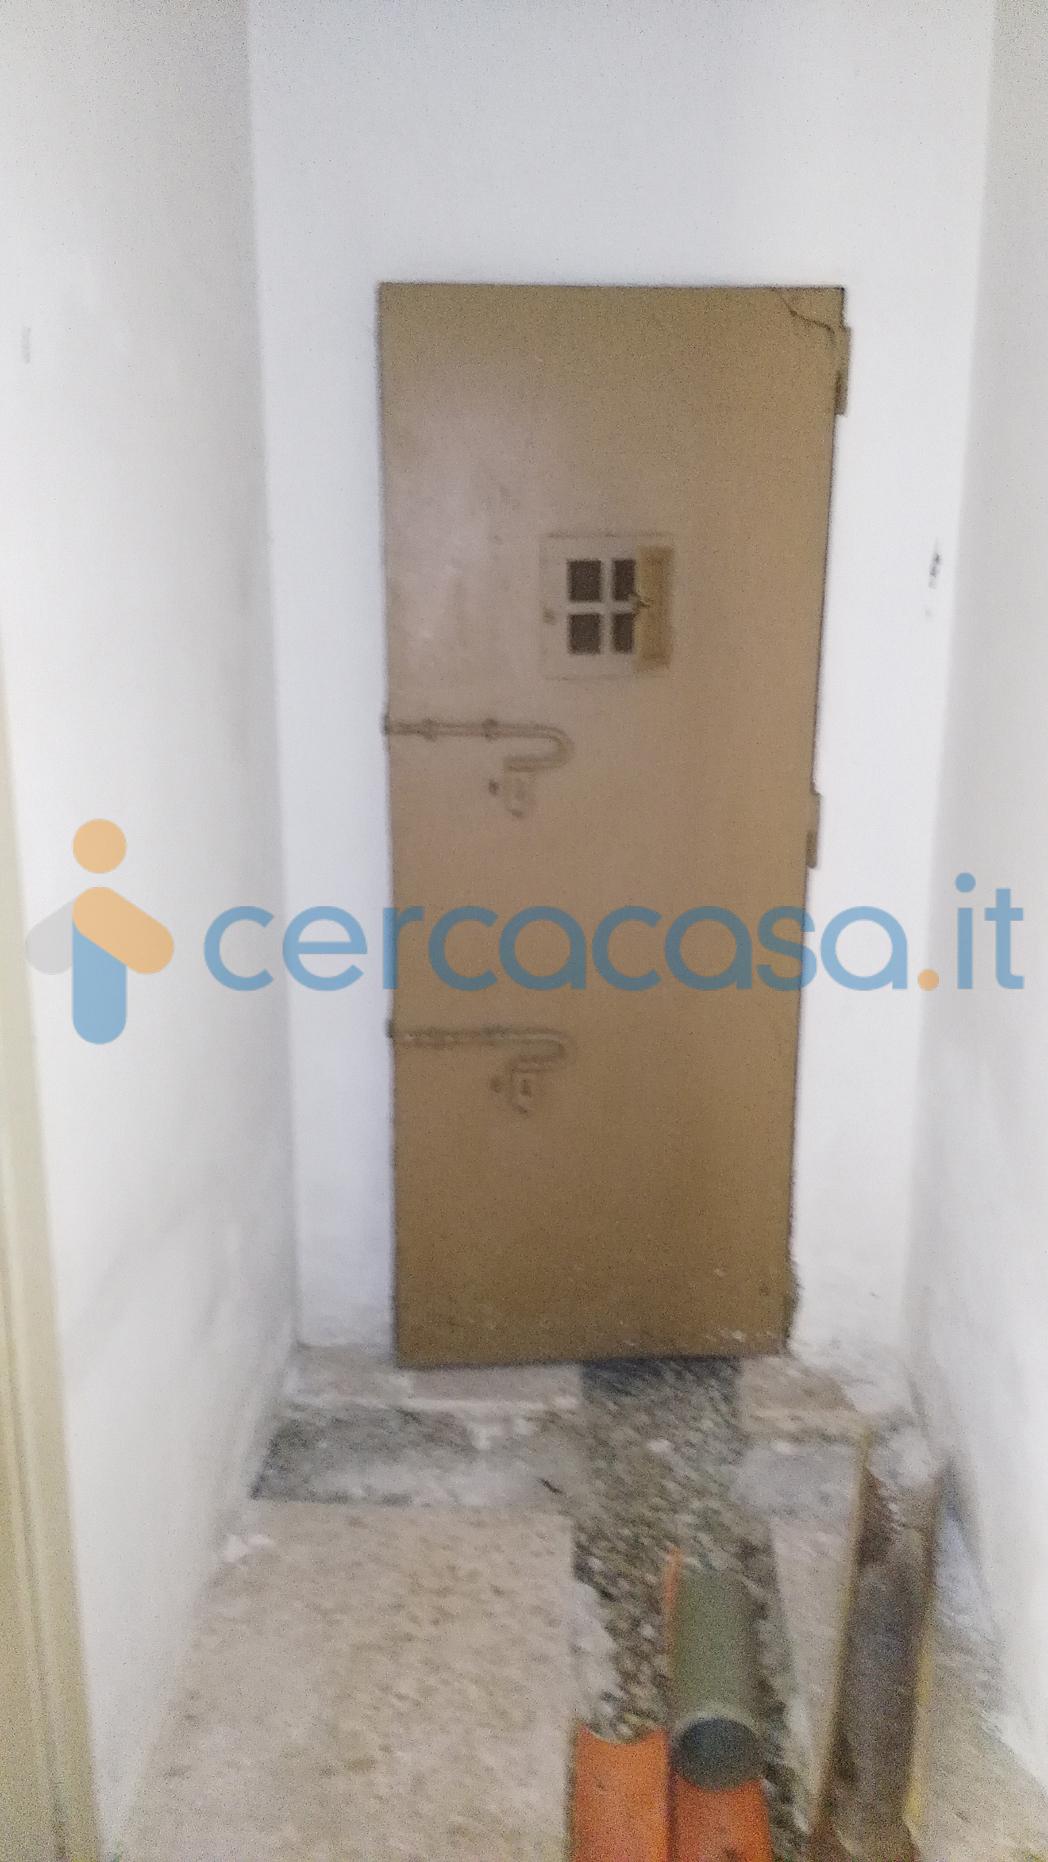 _vendita-_palazzo__002c-_m_e_l_e_n_d_u_g_n_o